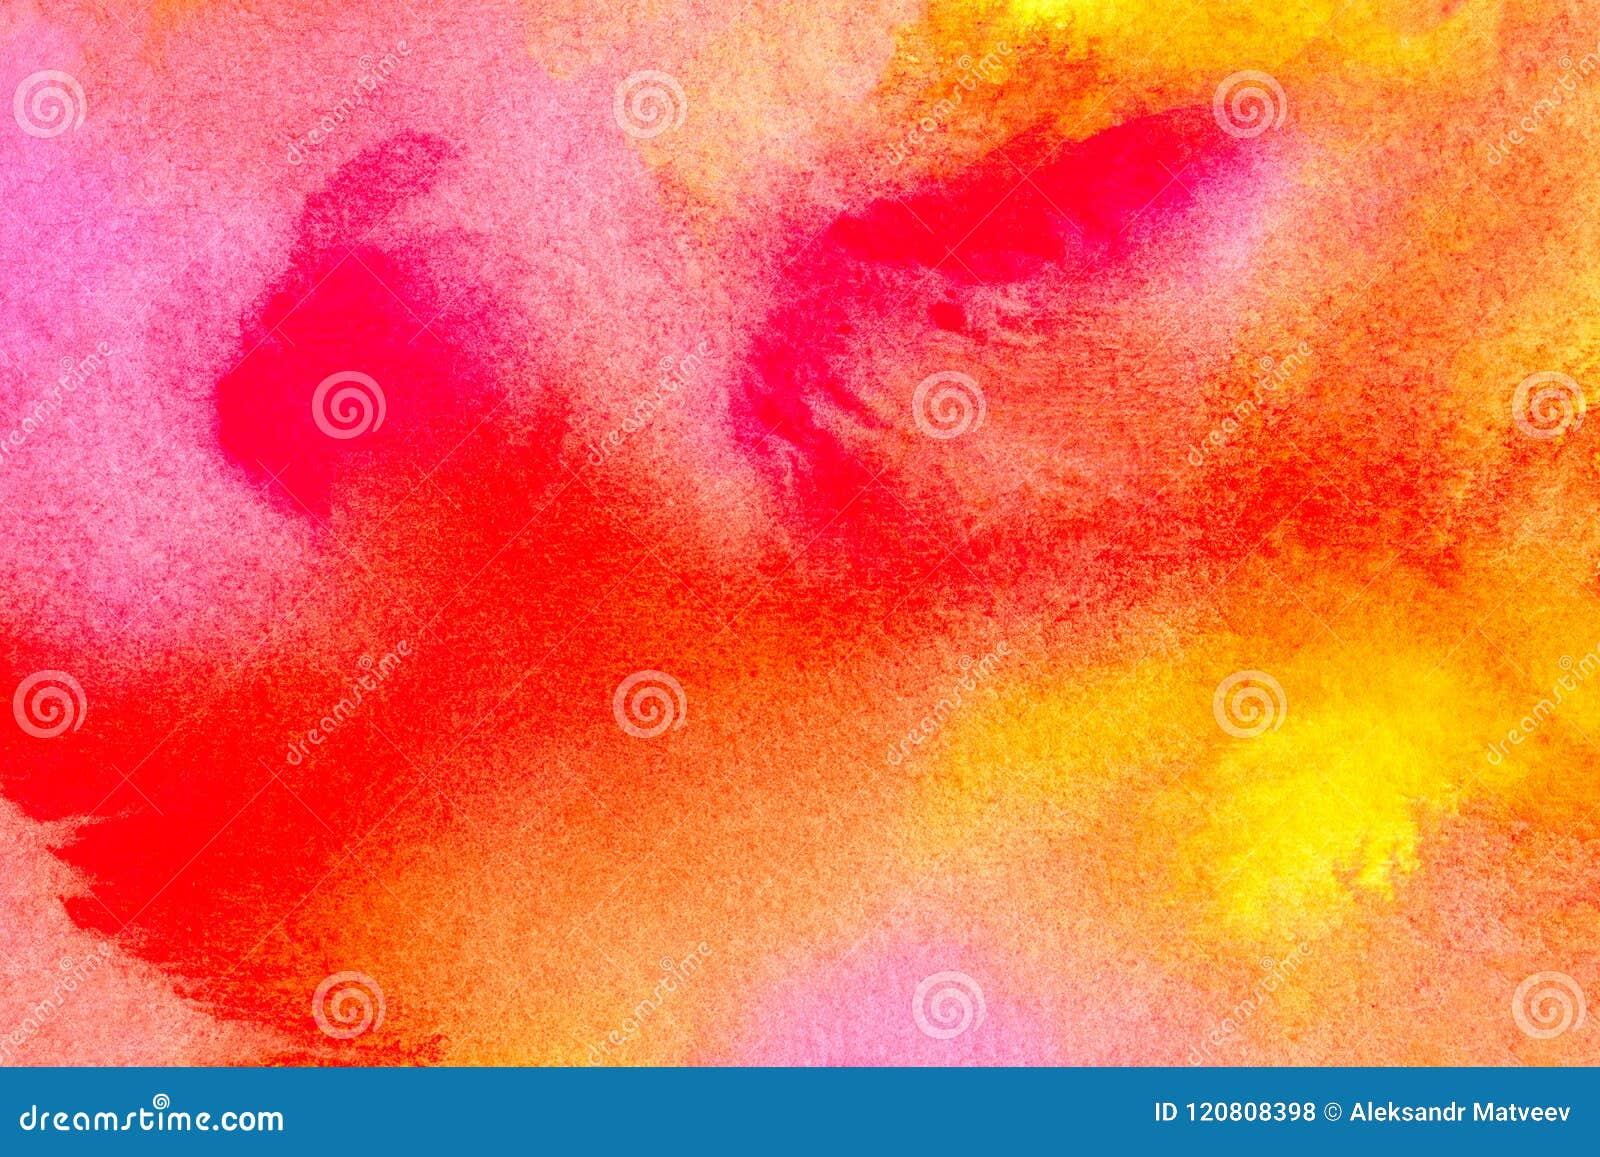 Härlig vattenfärgbakgrund i vibrerande orange rosa röd guling Utmärkt för texturer och bakgrunder för din projekt och stil